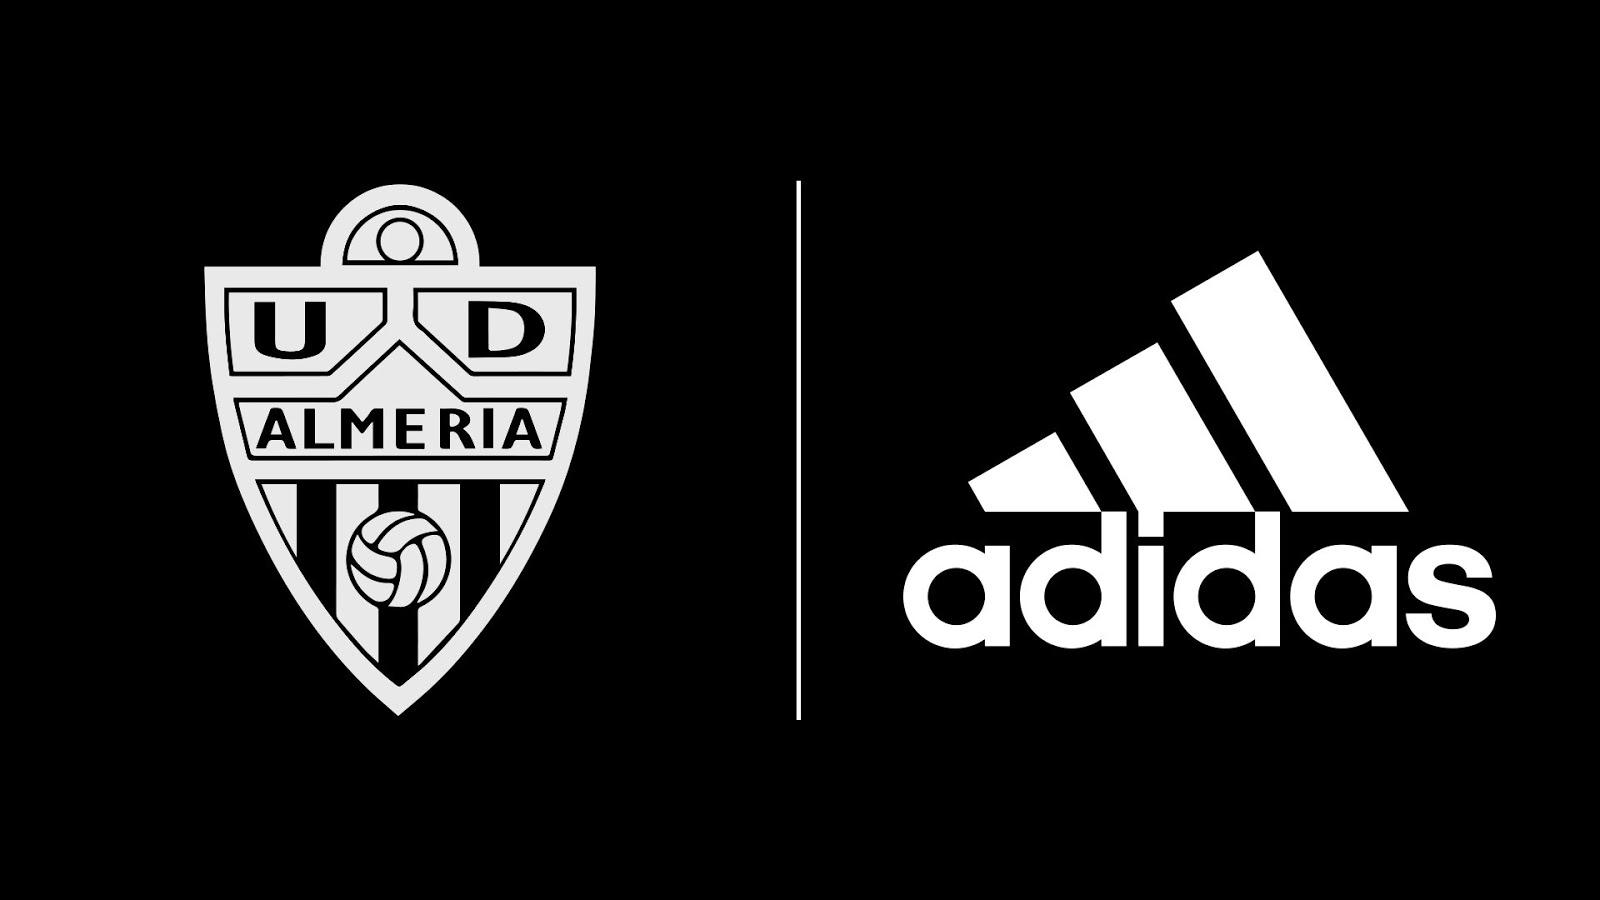 Árbol genealógico salir Duplicación  Almería Announces Adidas Kit Deal - Footy Headlines